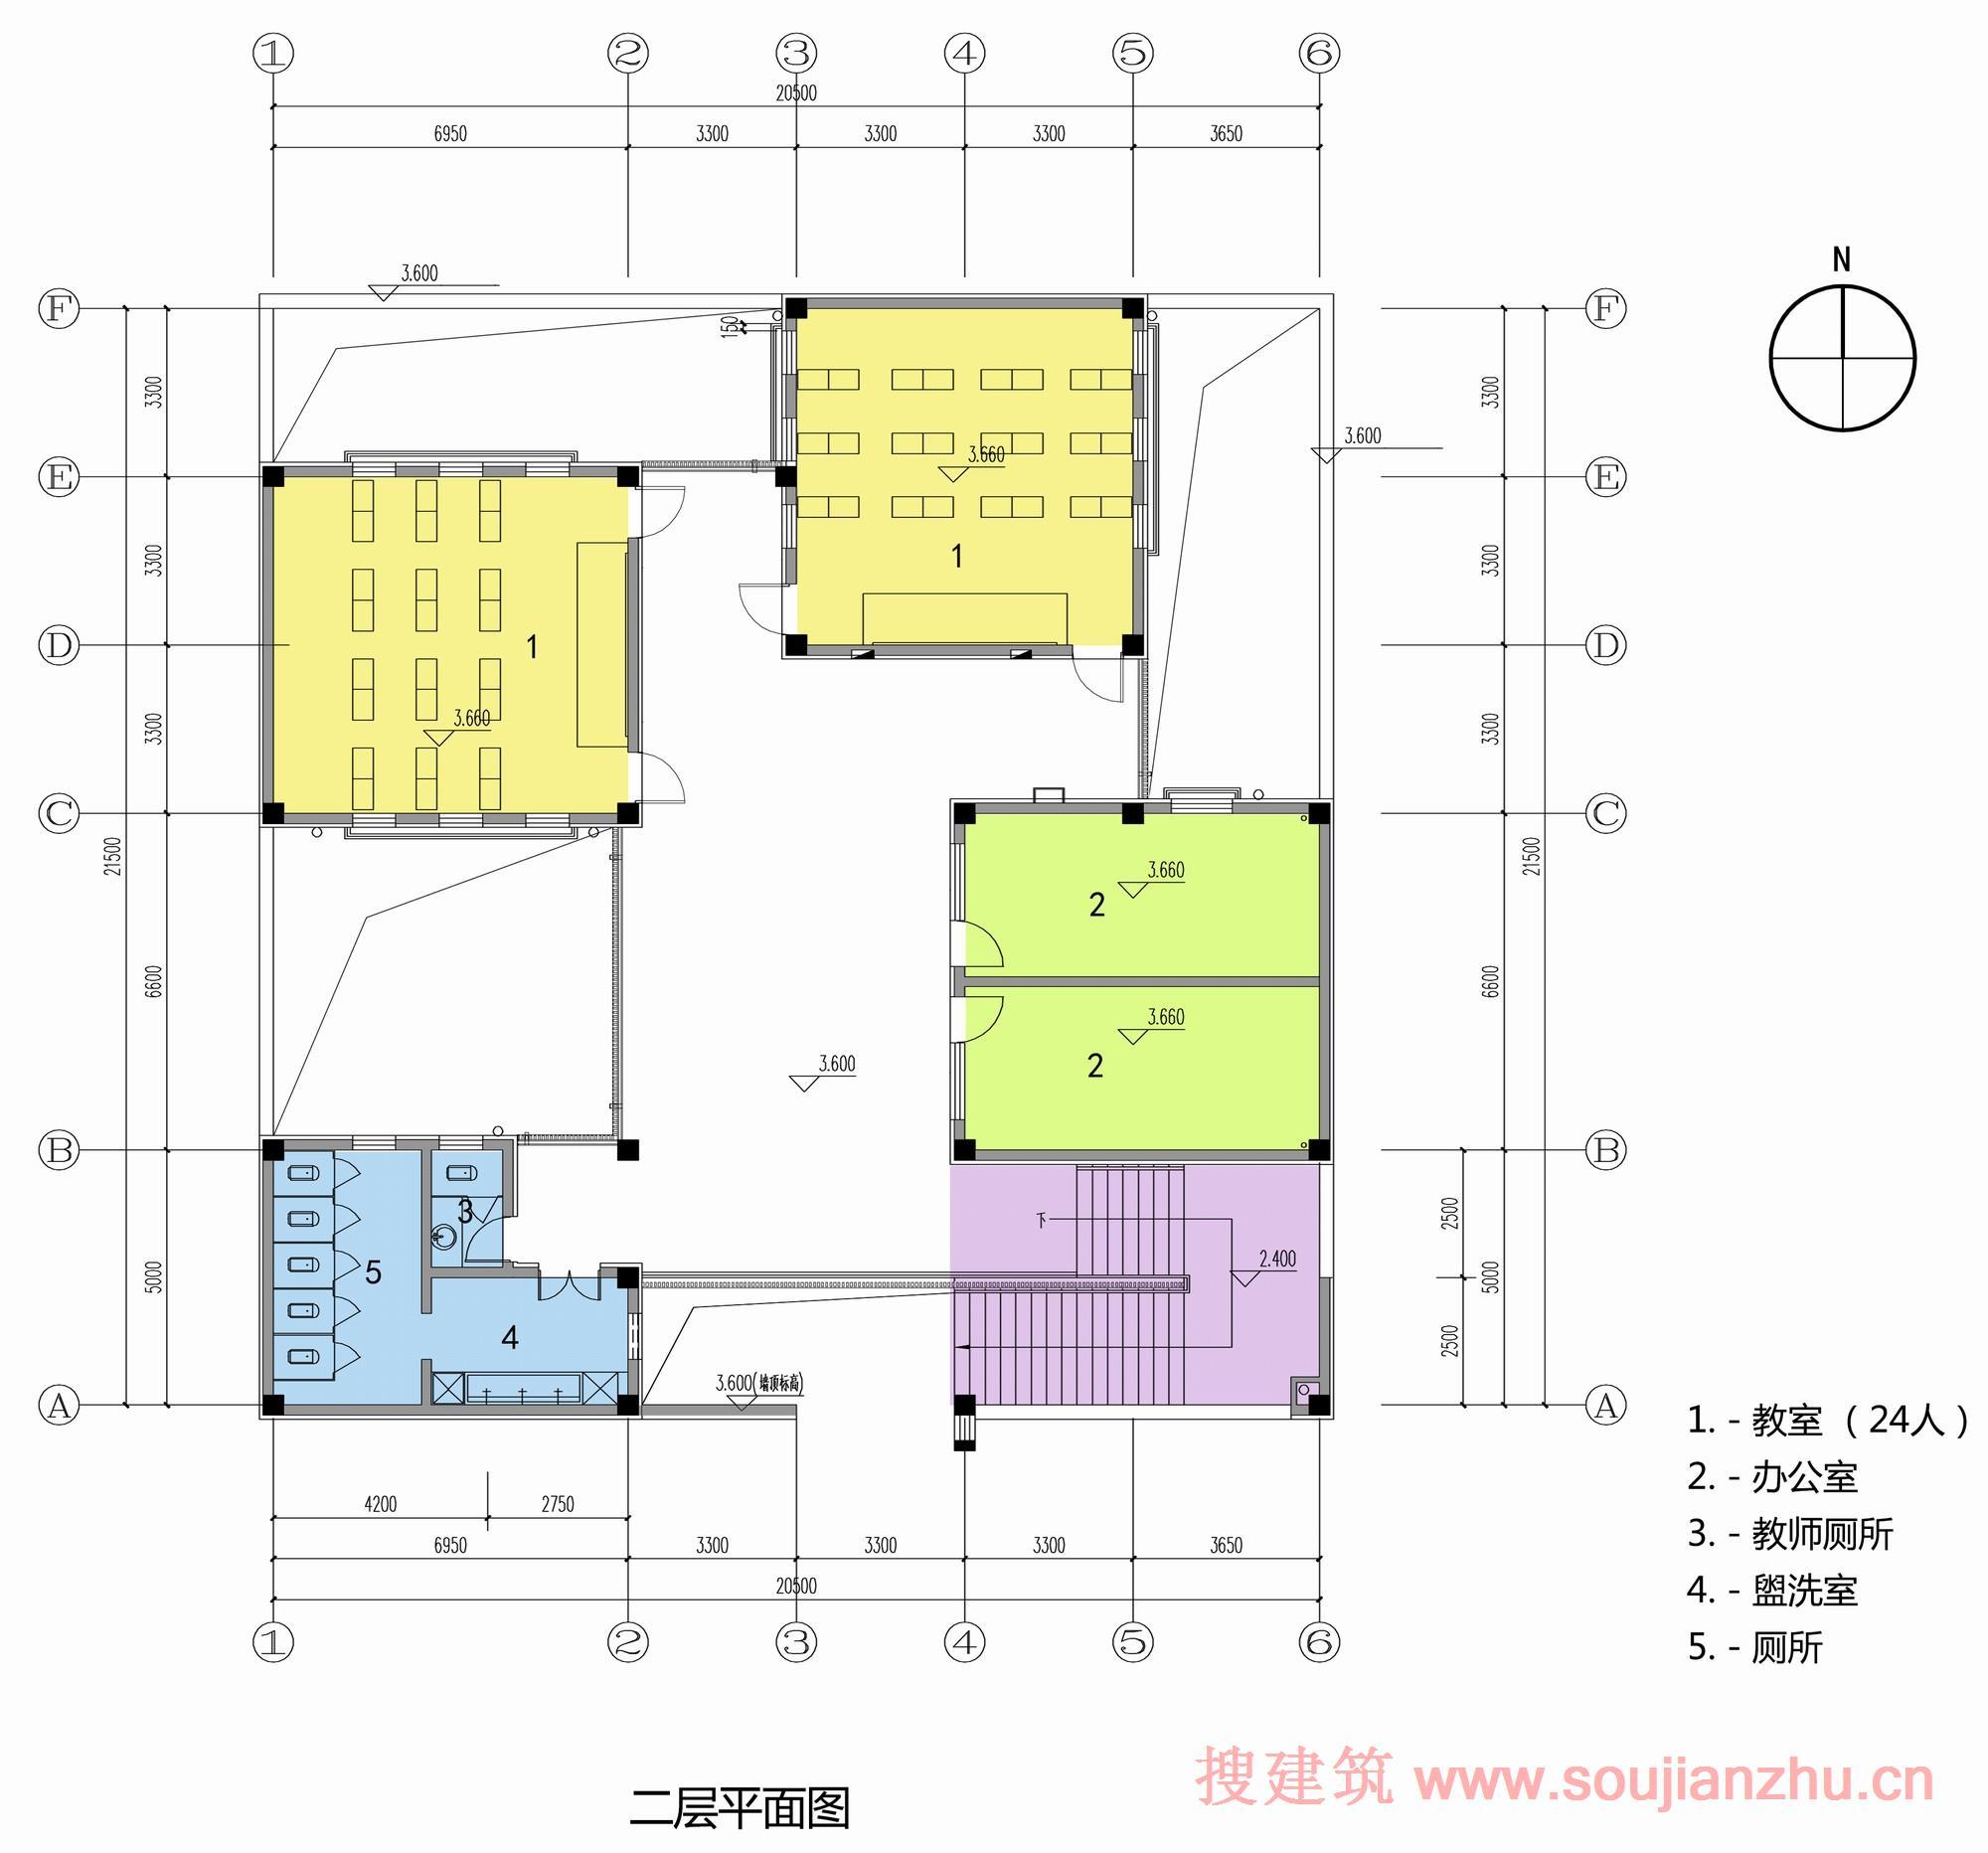 楼顶平面图_cad建筑楼顶平面图_平面设计图